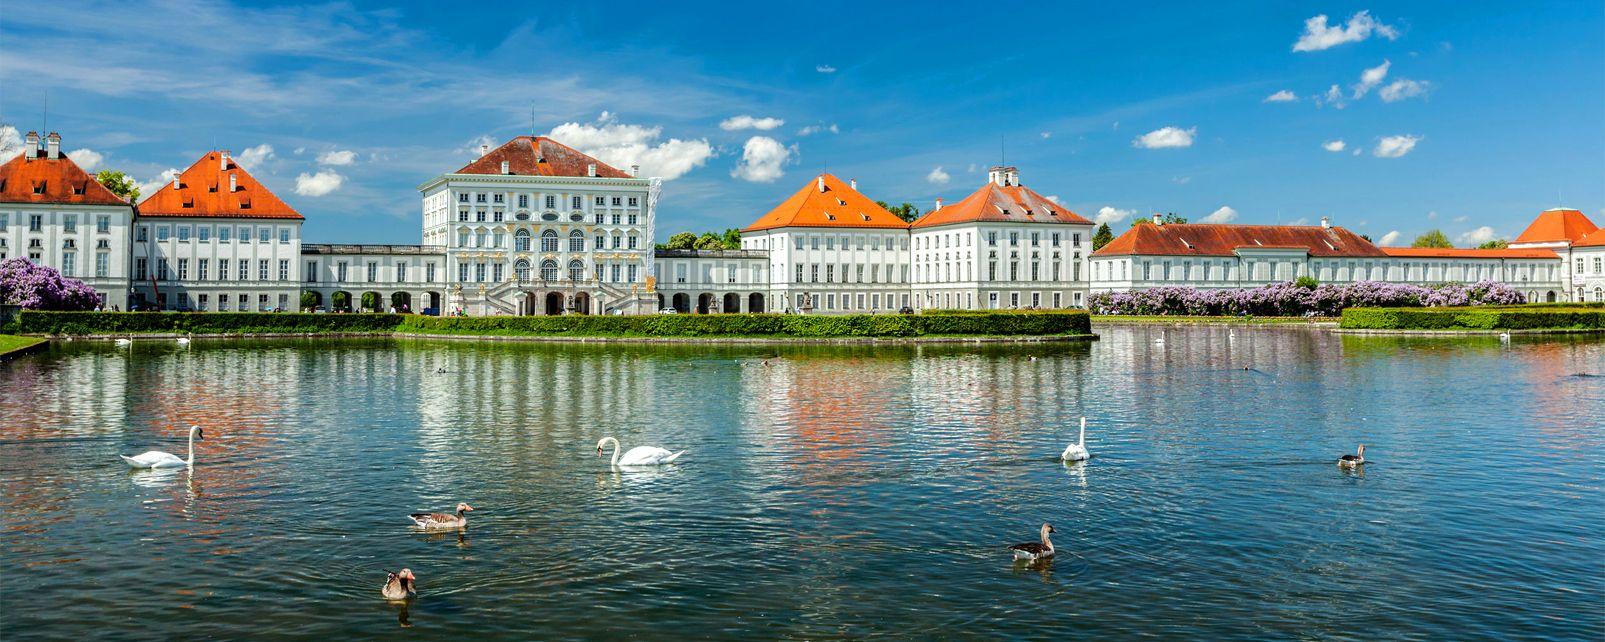 Das Nymphenburger Schloss, Die Monumente, Deutschland